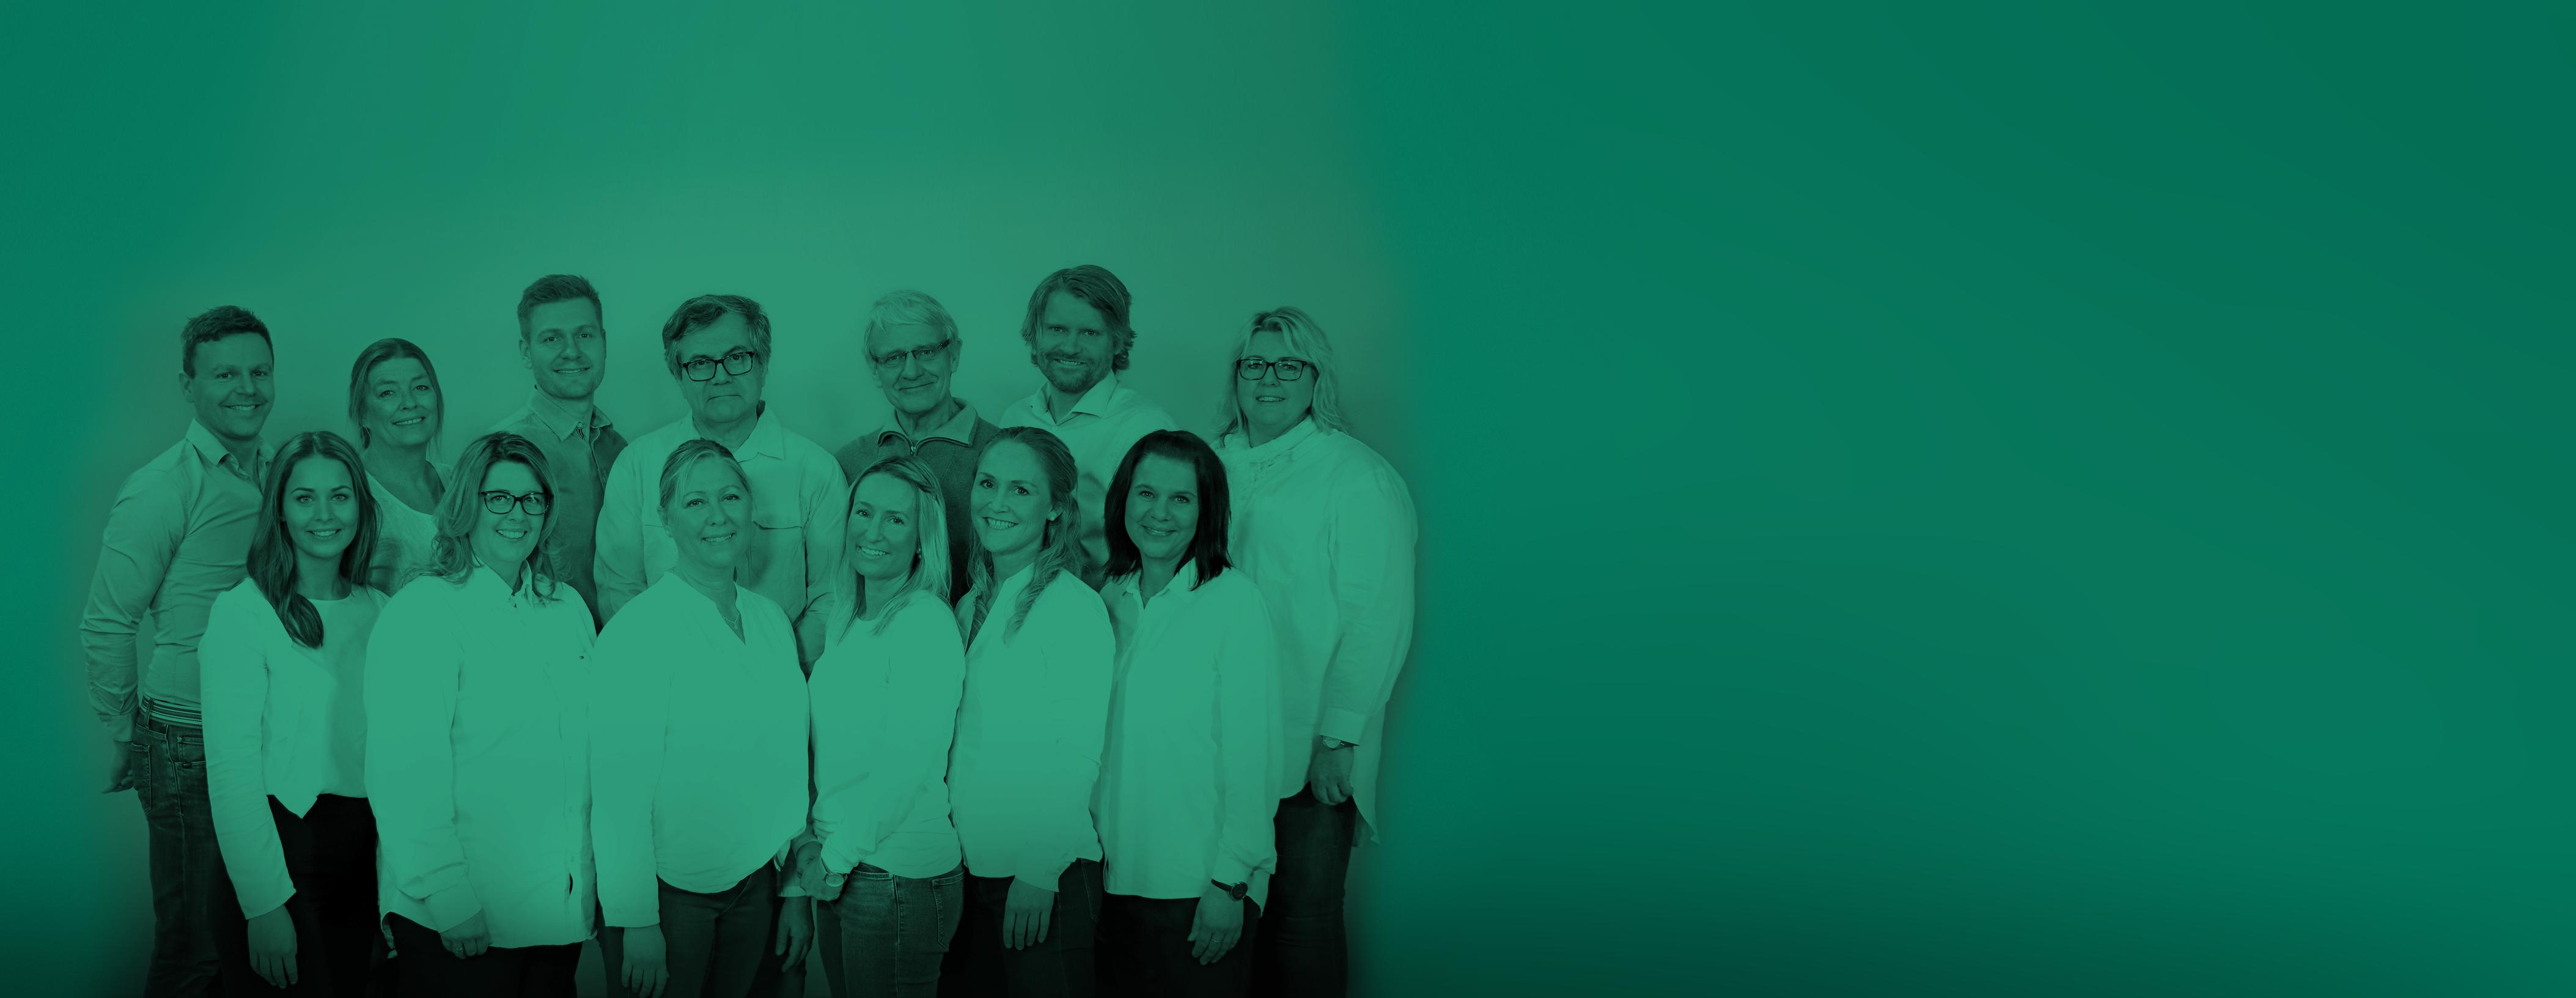 Grønn Jobb BHT gruppebilde